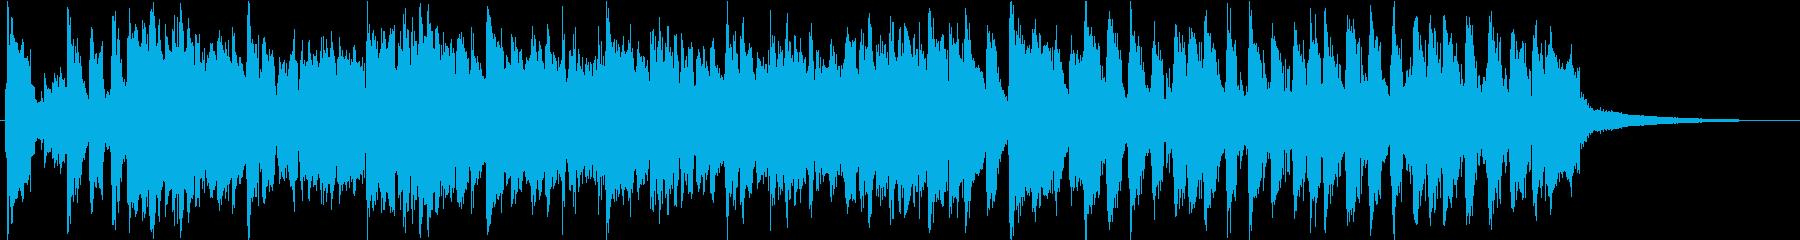 短縮版】疾走感&爽やかなアコギポップスの再生済みの波形